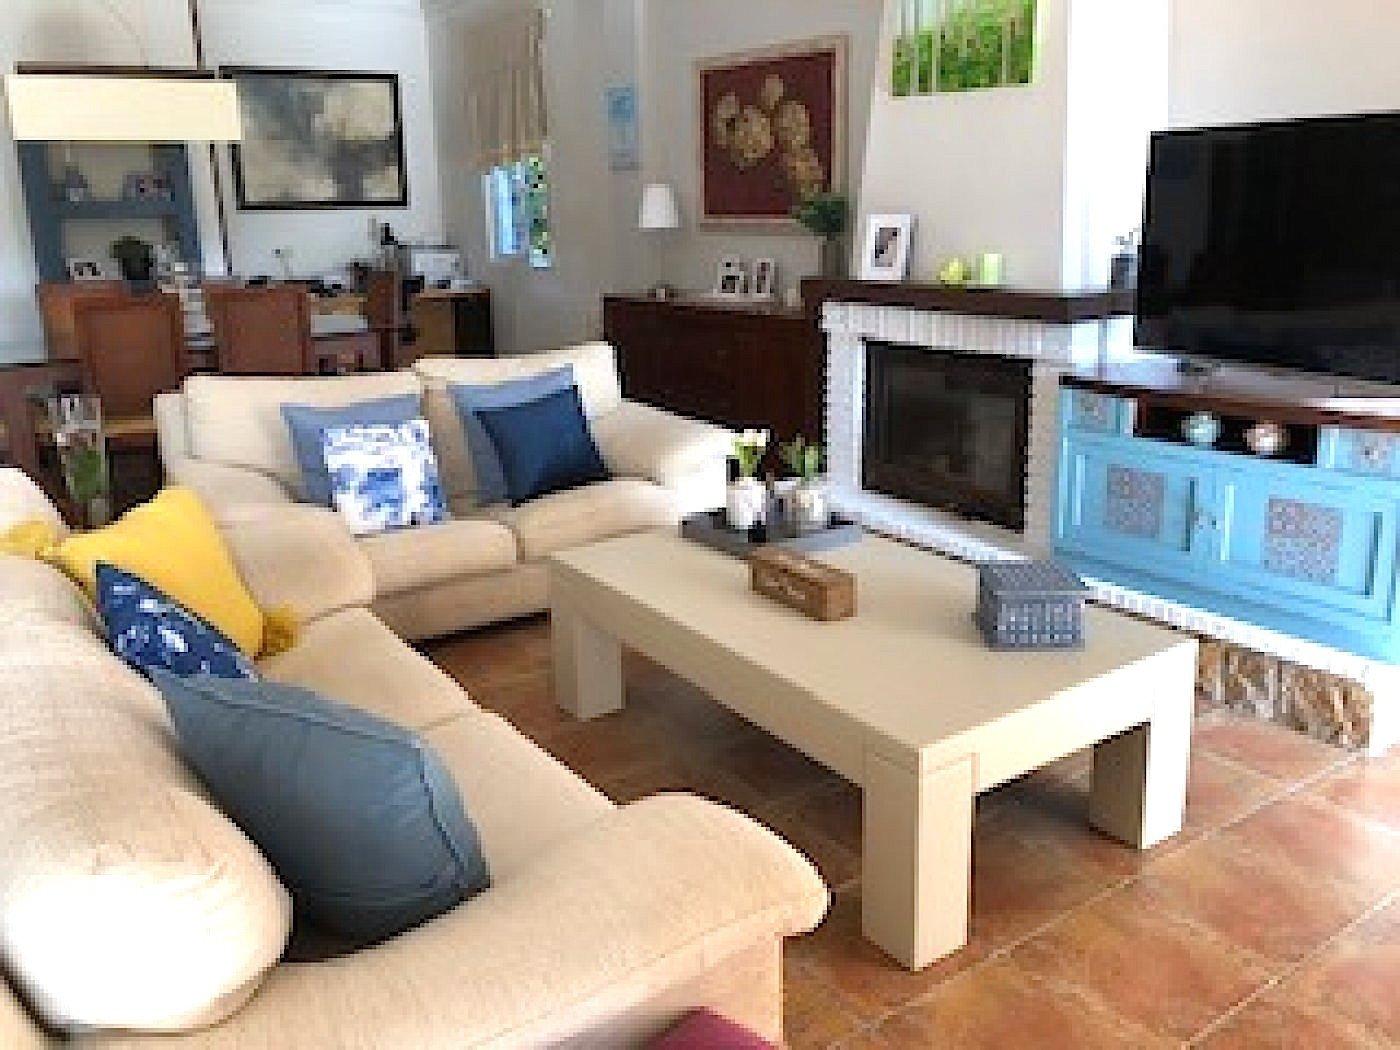 Fanta?stica casa en playa de venecia. zona sur de la playa de gandia, proyectos de futuro - imagenInmueble12